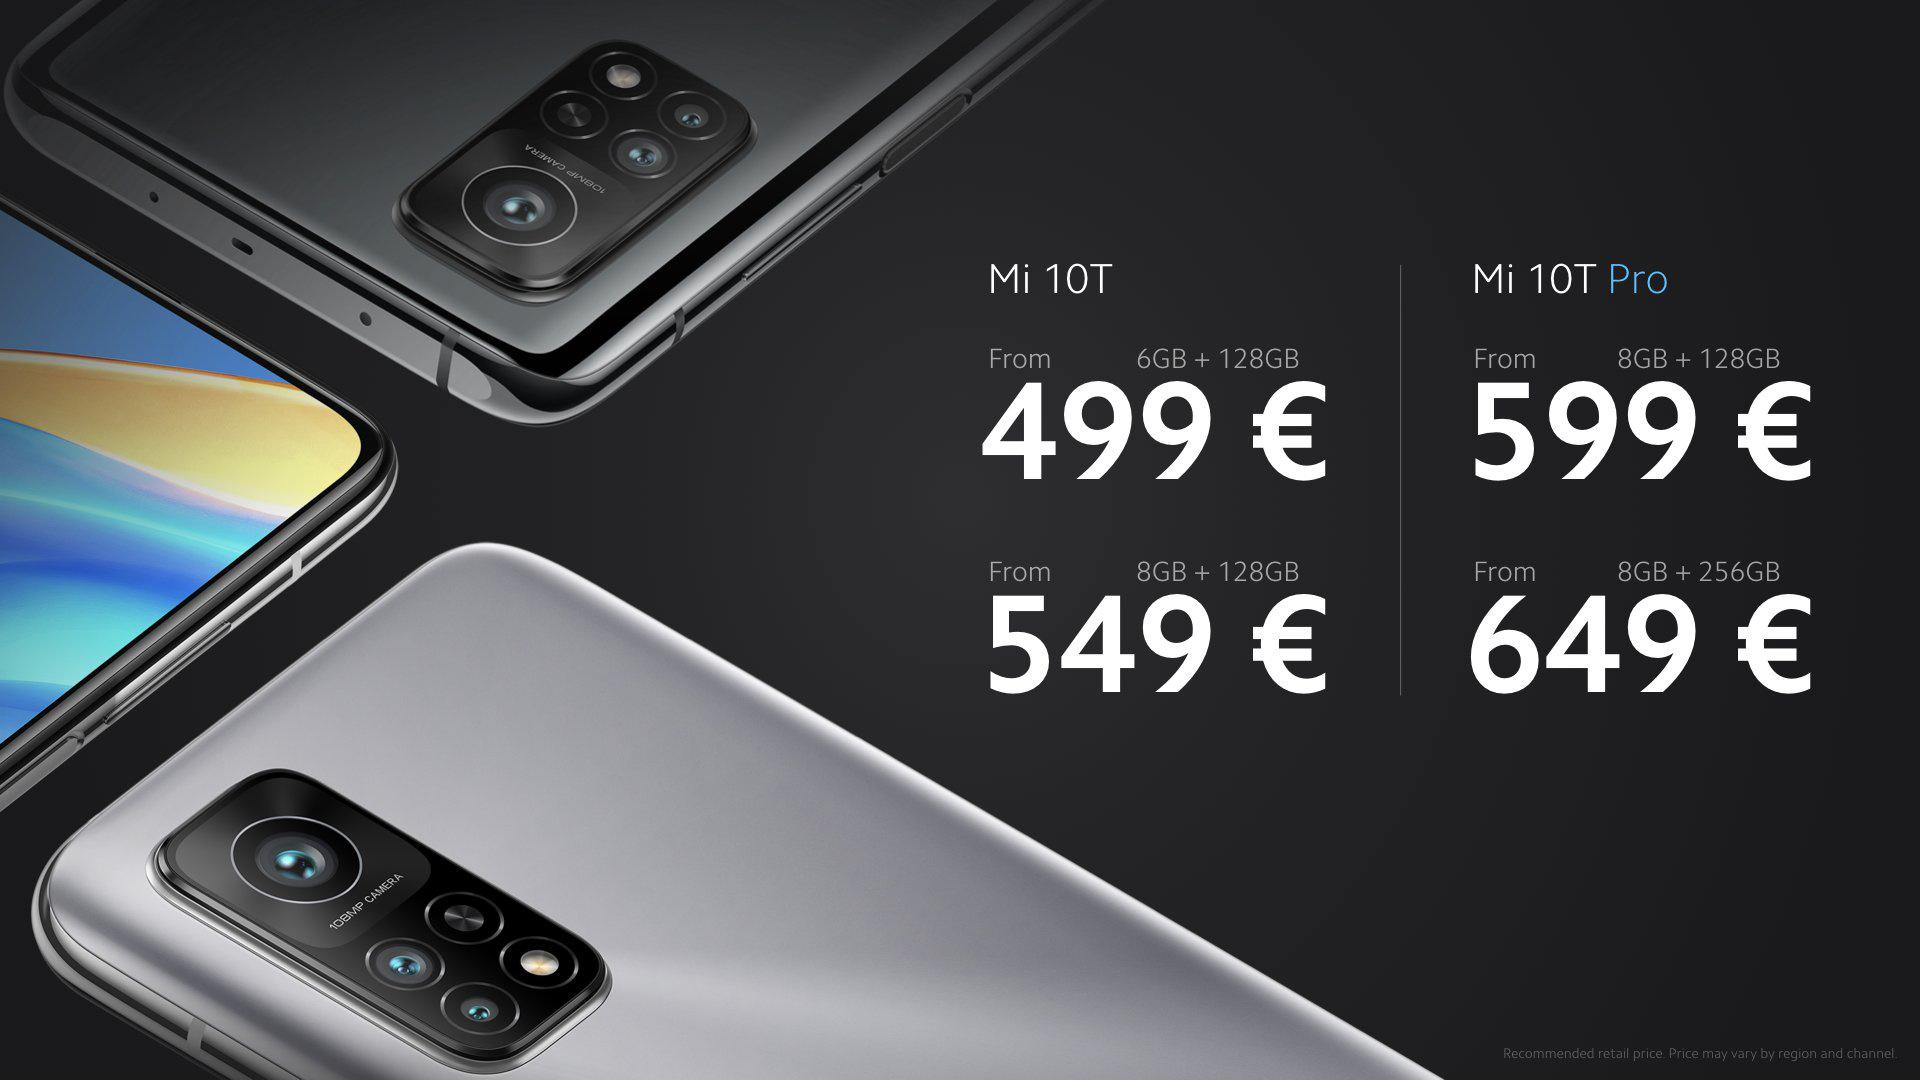 Ceny Xiaomi Mi 10T